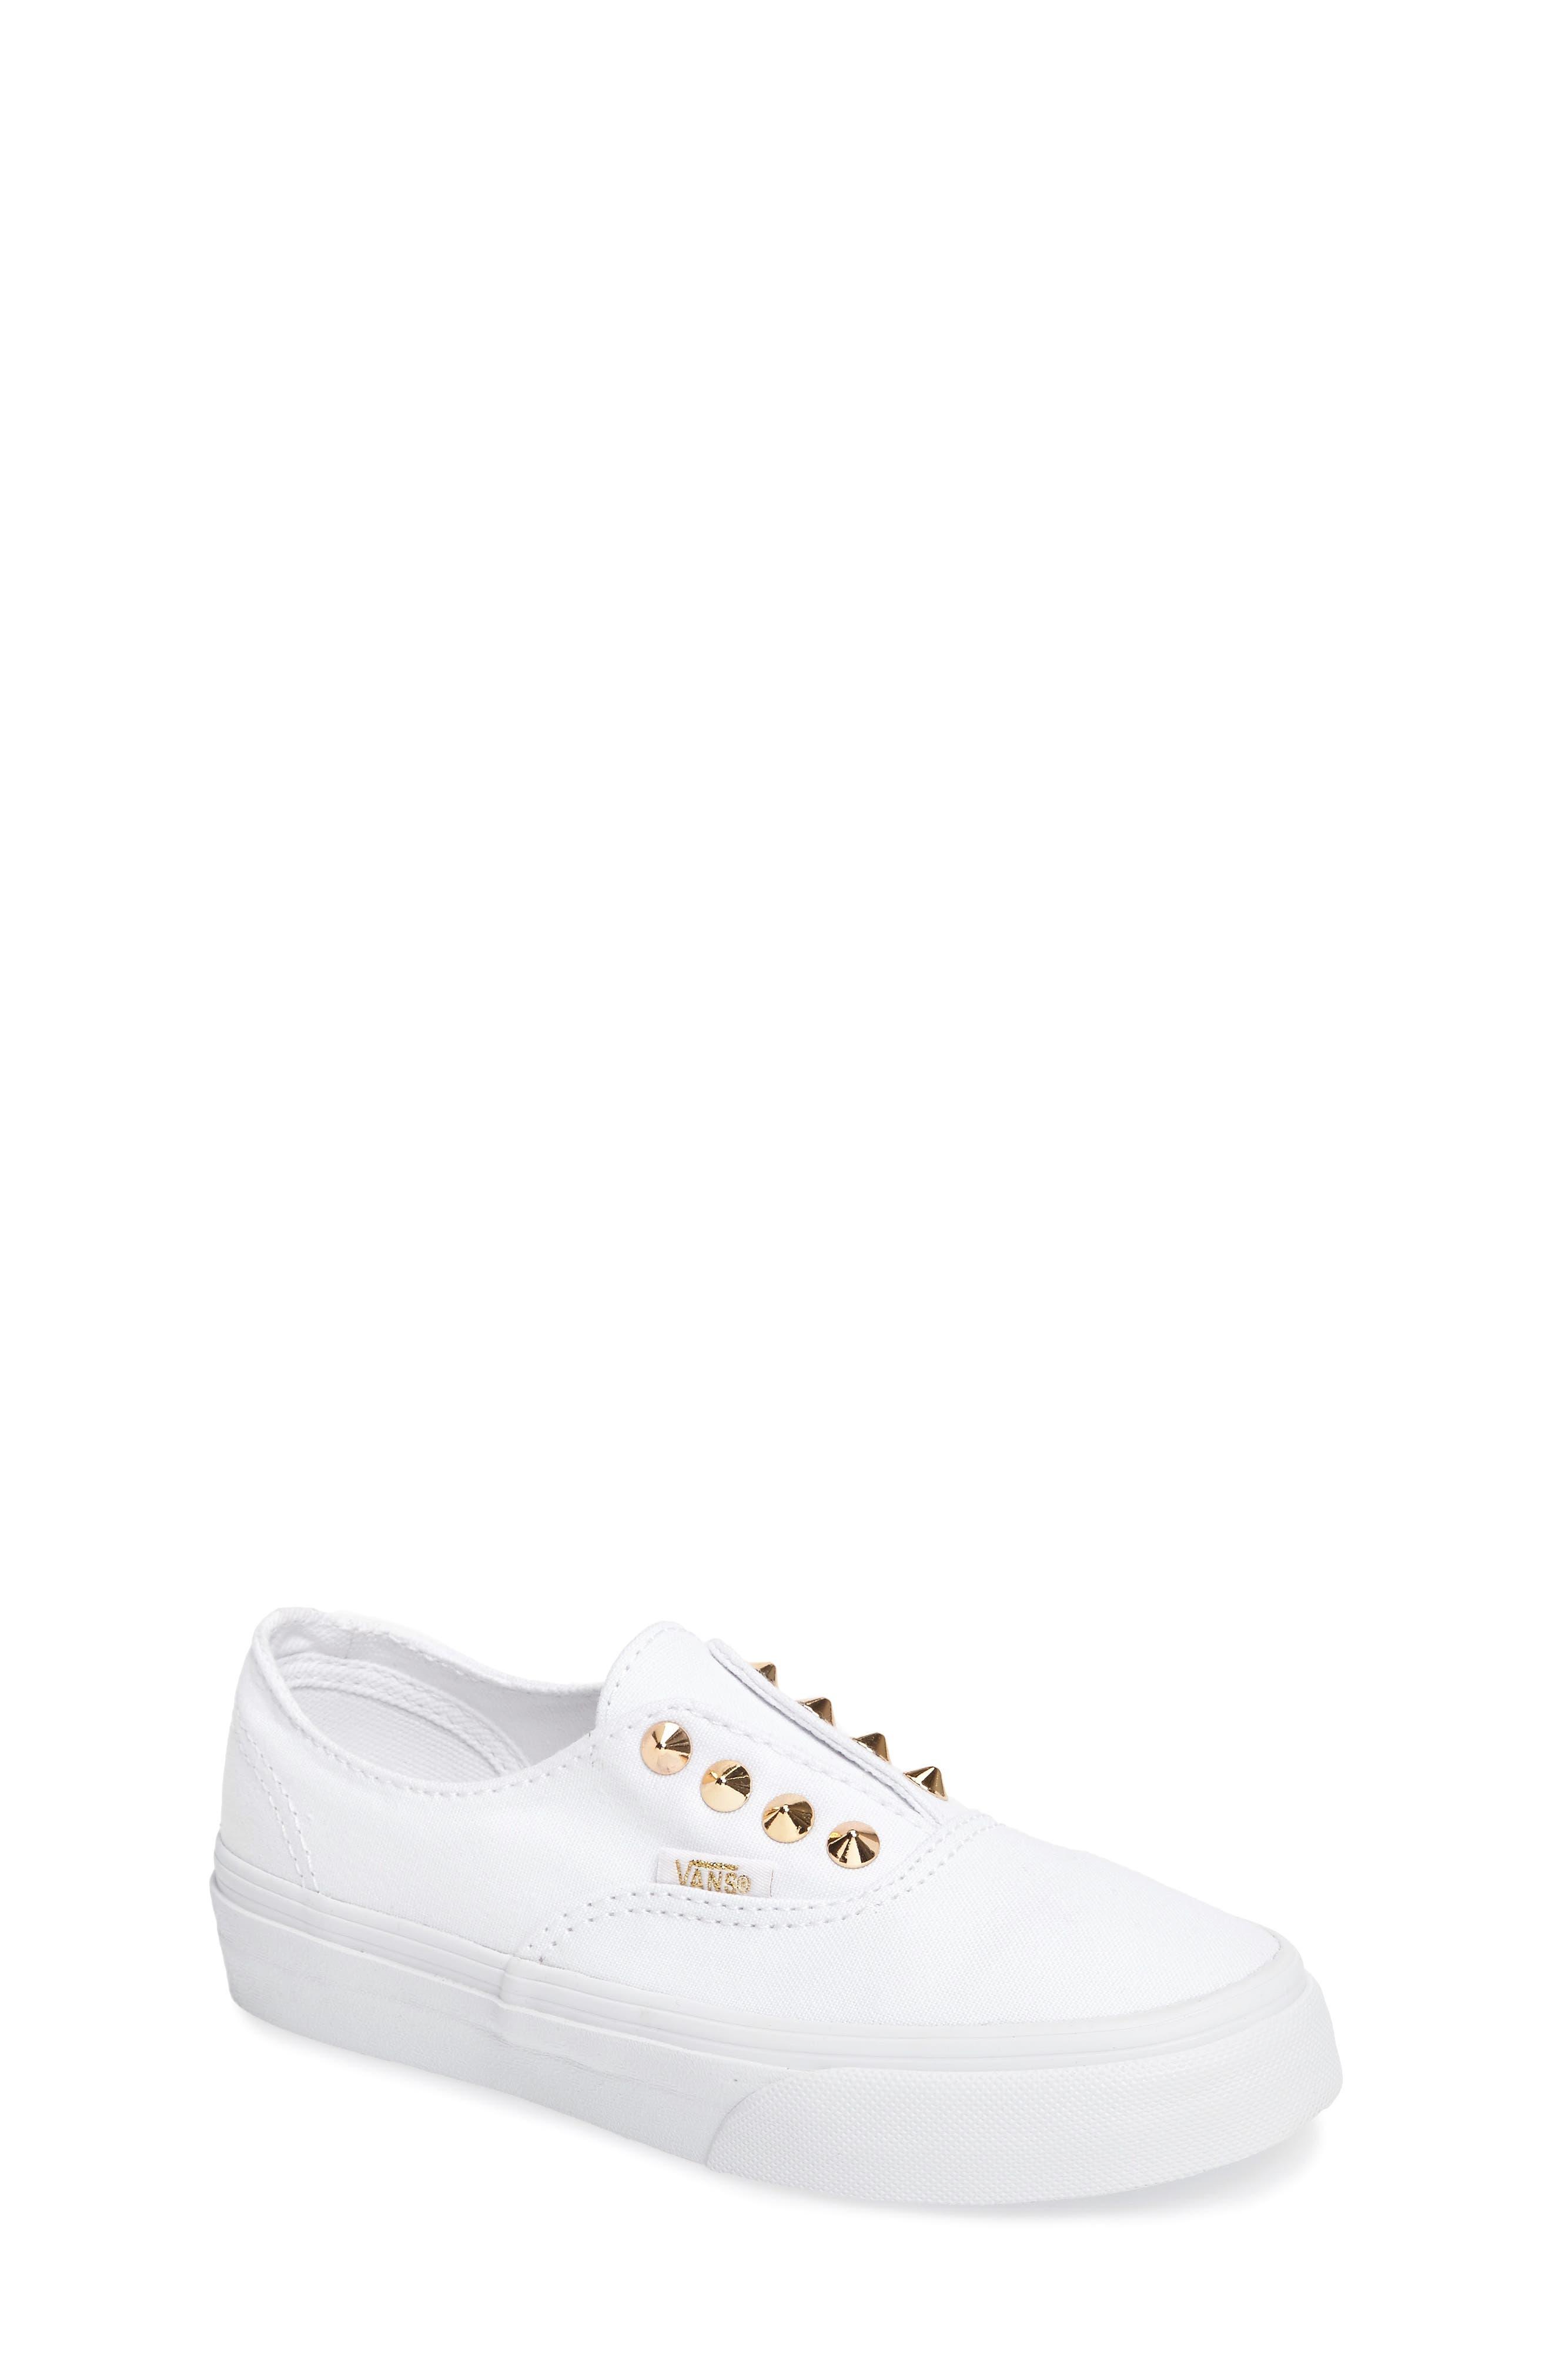 Vans Authentic Studded Slip-On Sneaker (Toddler, Little Kid & Big Kid)